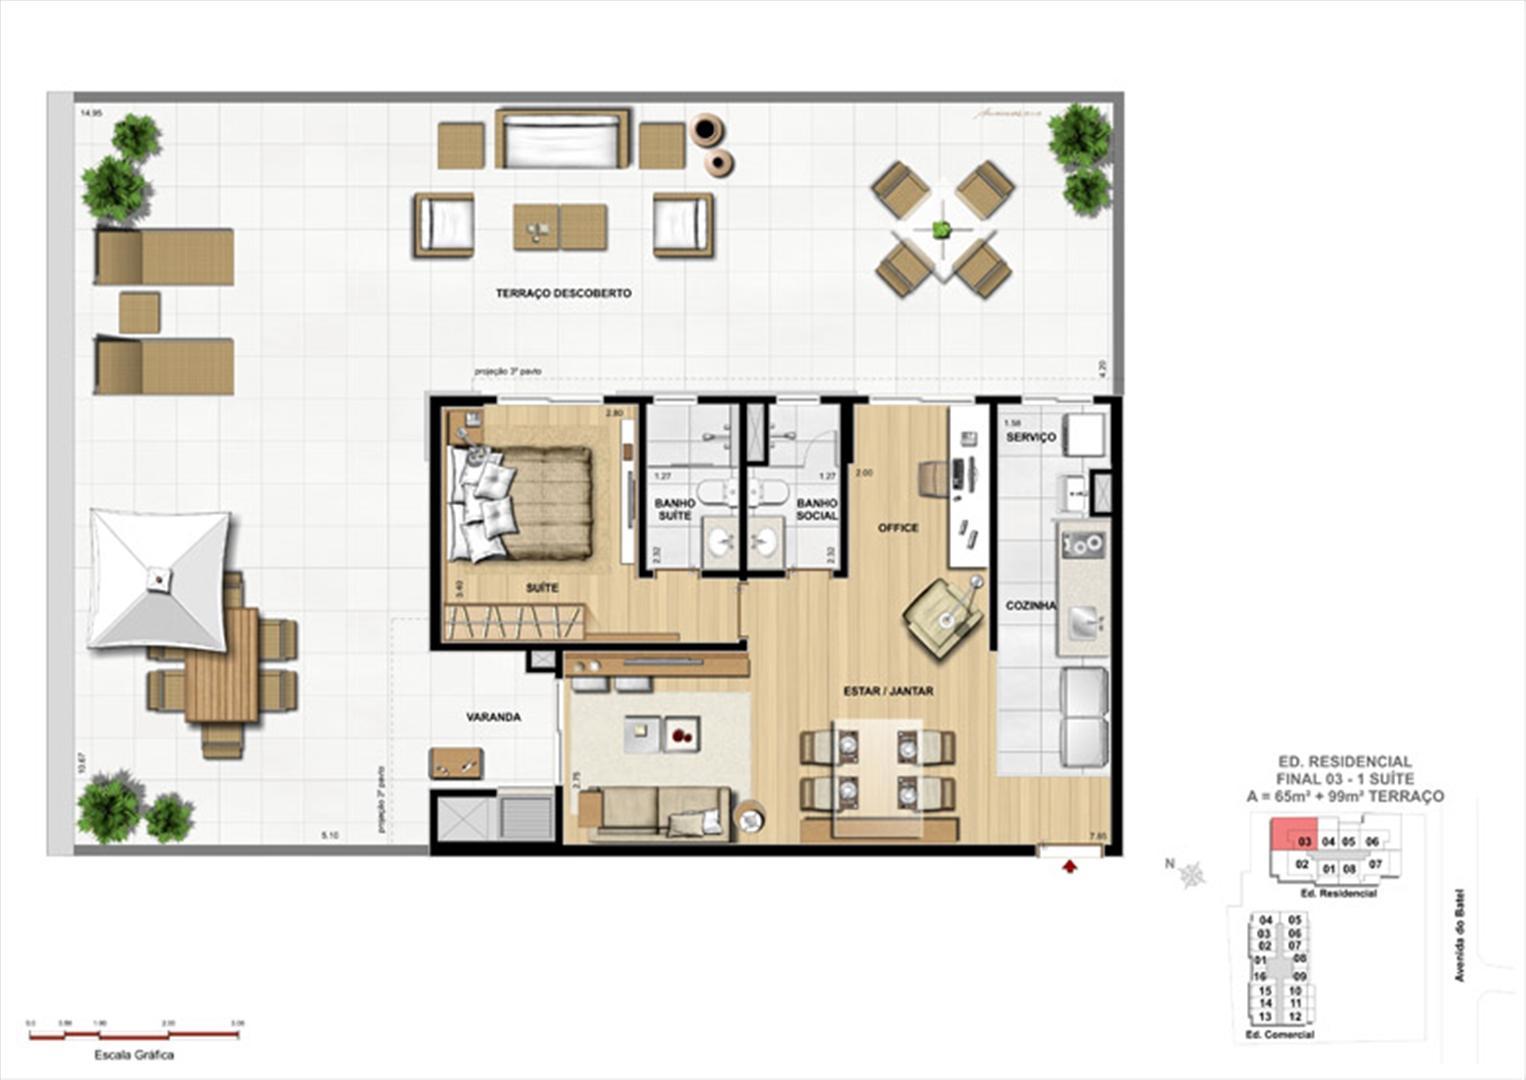 Apartamento 1 Suíte com terraço | 1550 Batel (Home Batel) – Apartamento no  Batel - Curitiba - Paraná